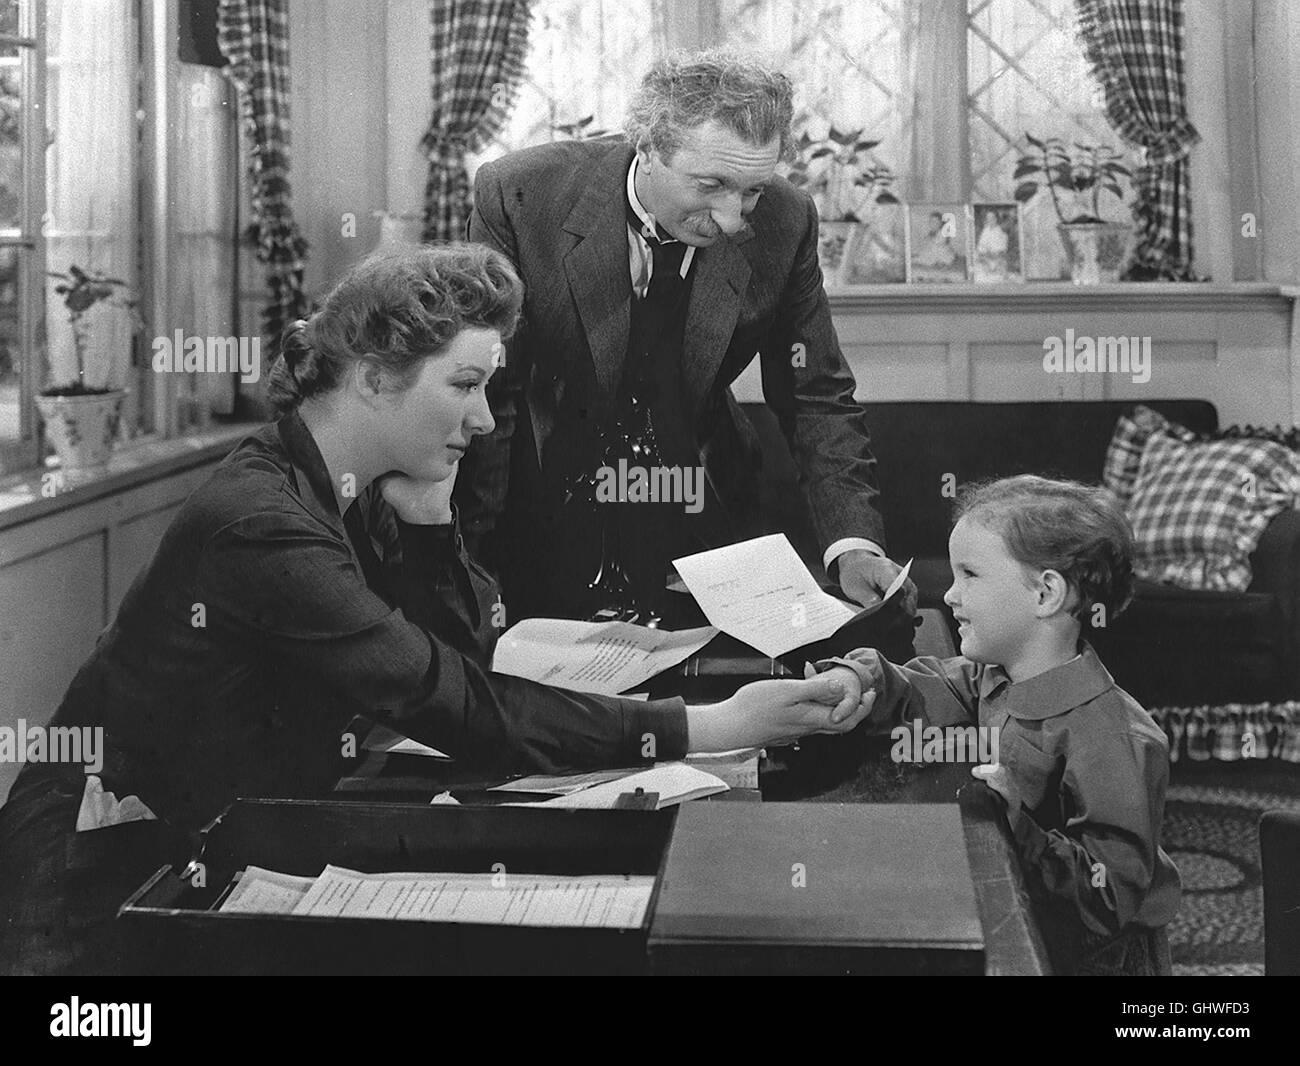 BLÜTEN IM STAUB- Als die jungverheiratete Edna Gladney (GREER GARSON) ihrem Mann Sam nach Texas folgt, steht sie noch unter dem Eindruck eines schmerzlichen Verlustes: Ihre Pflegeschwester Charlotte hatte sich das Leben genommen. Edna bekommt einen Sohn, der jedoch nach einigen Jahren tödlich verunglückt. Da sie nie wieder ein Kind bekommen darf, ist sie natürlich tief bekümmert. Sam und der alte Arzt Dr. Breslar (FELIX BRESSART) finden jedoch einen Weg, um sie wieder aufzurichten: Edna gründet eine Kindertagesstätte, um berufstätige Mütter zu entlasten. Regie: Mervyn Le Roy aka. Blossoms in Stock Photo